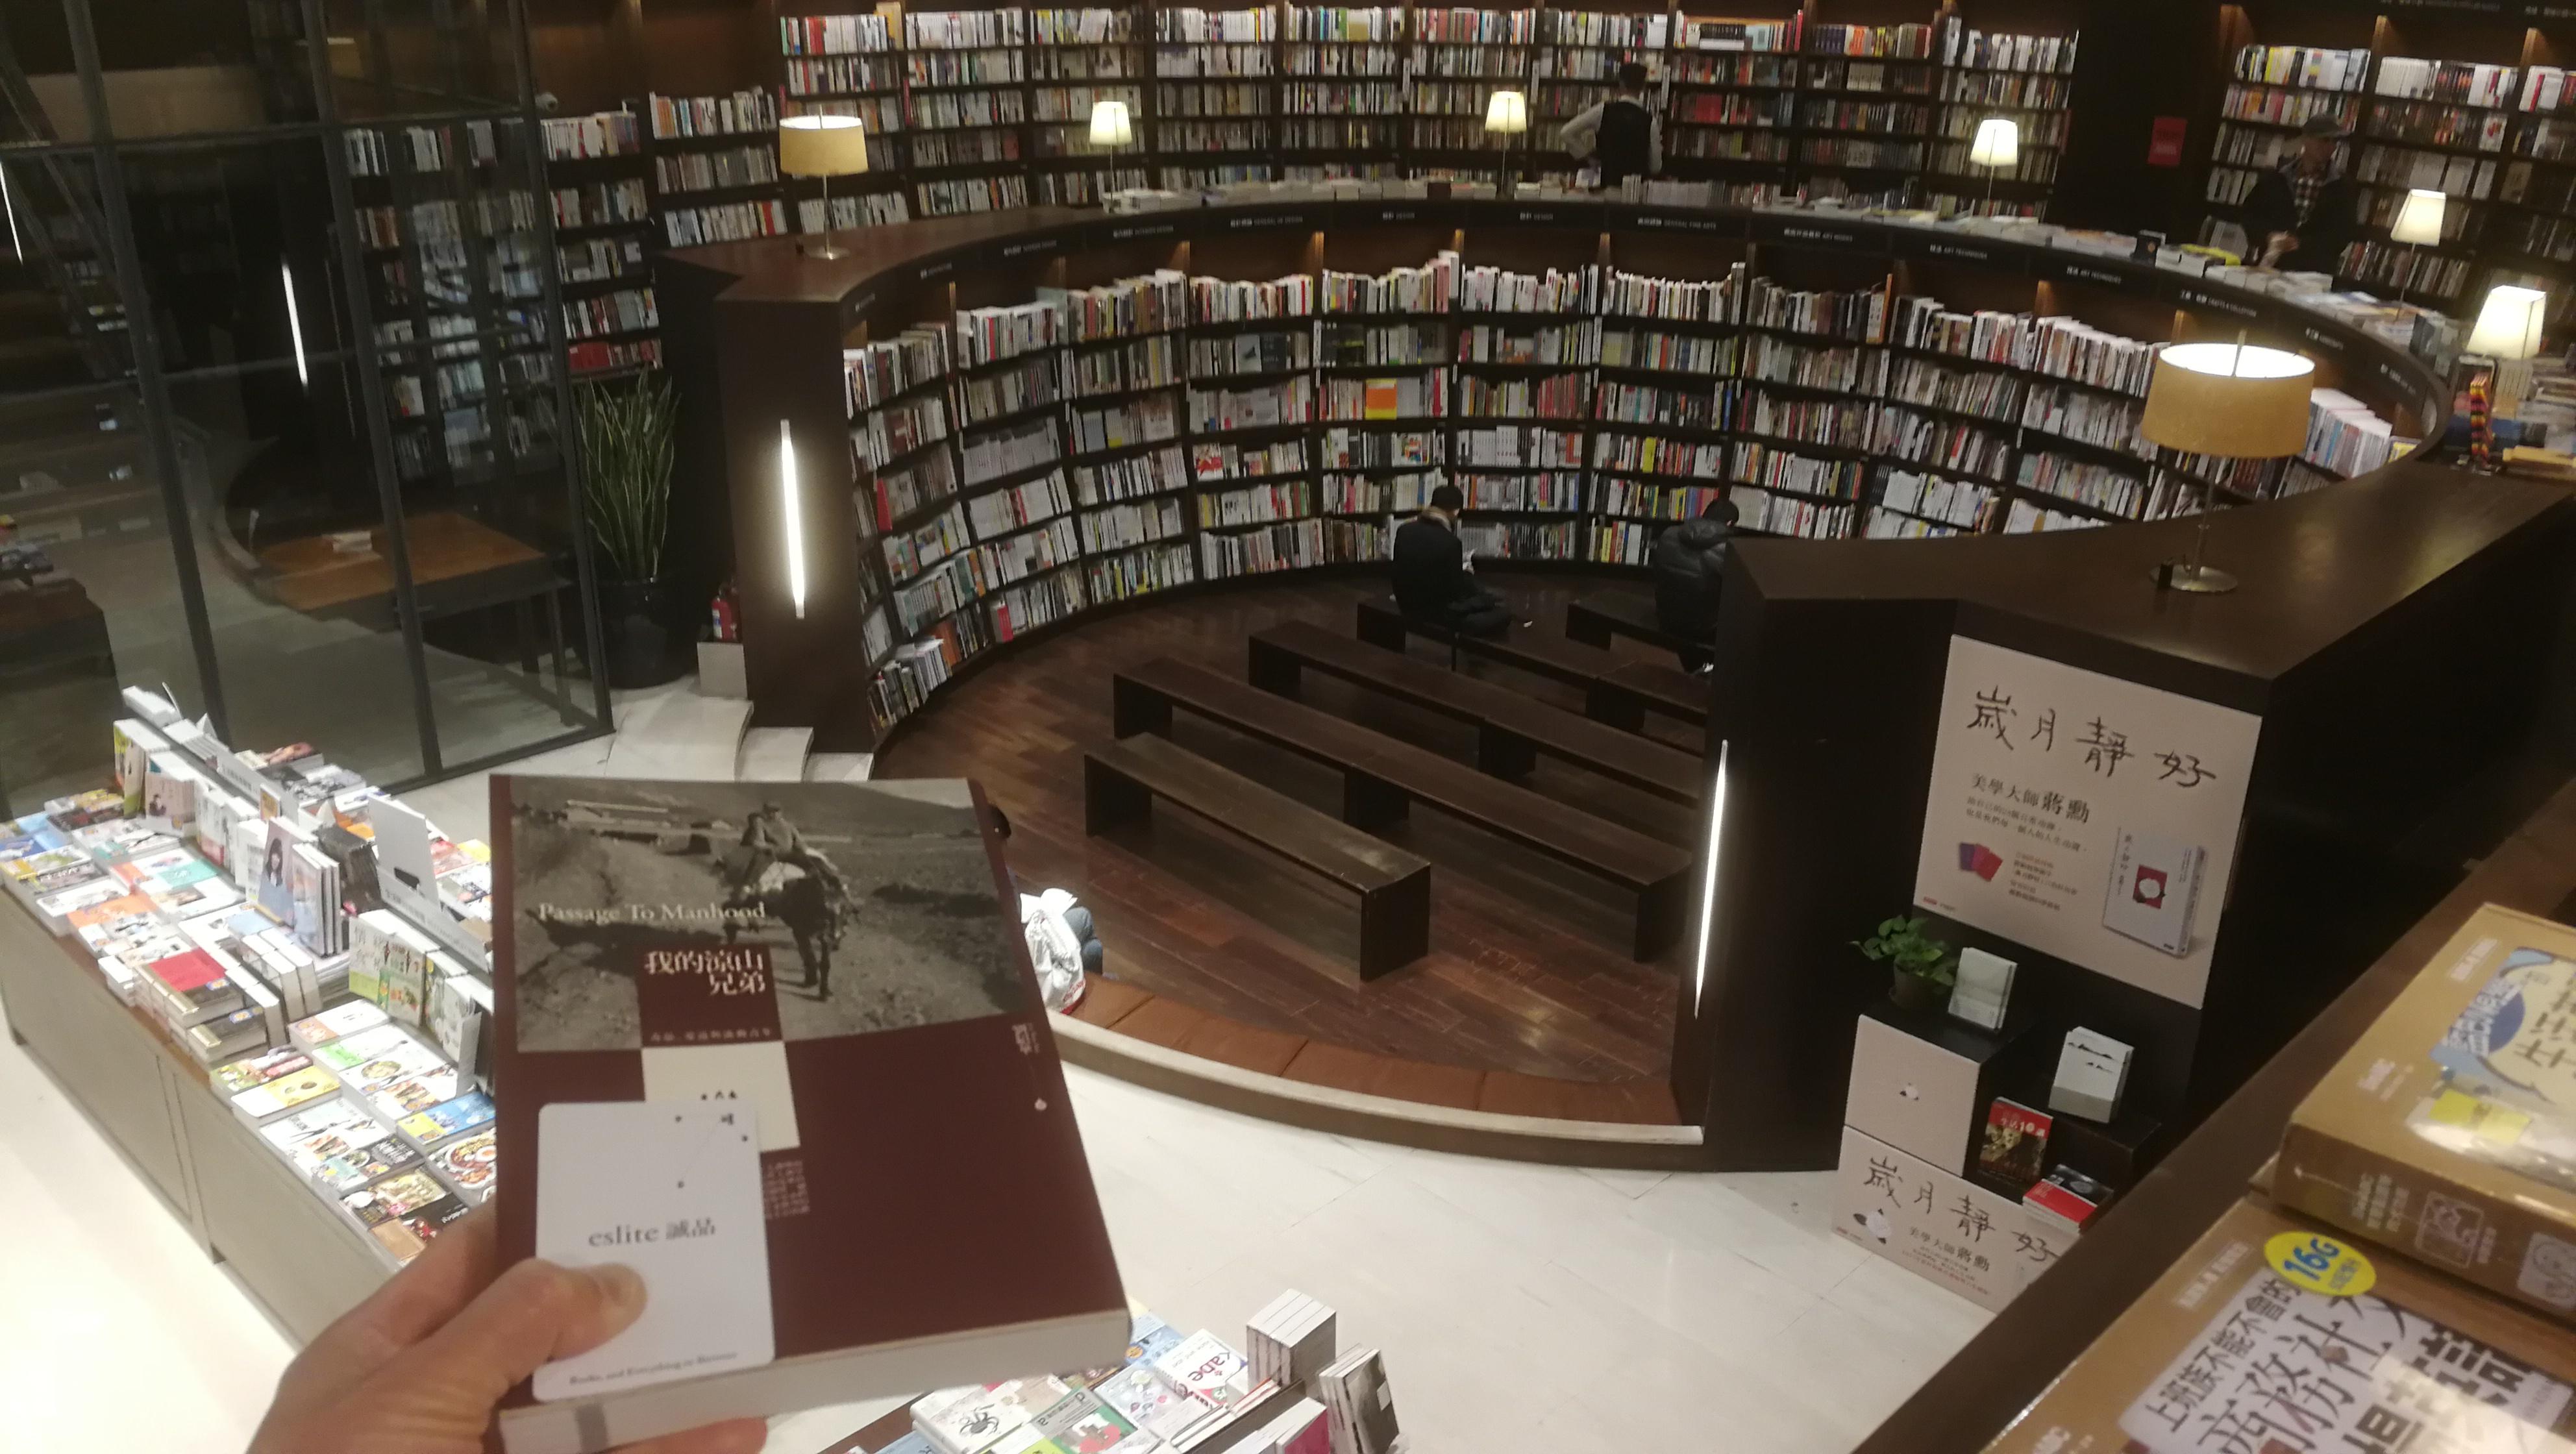 """2020年1月30日晚,台中市西屯区,中友诚品书店里的""""精神口罩""""。"""